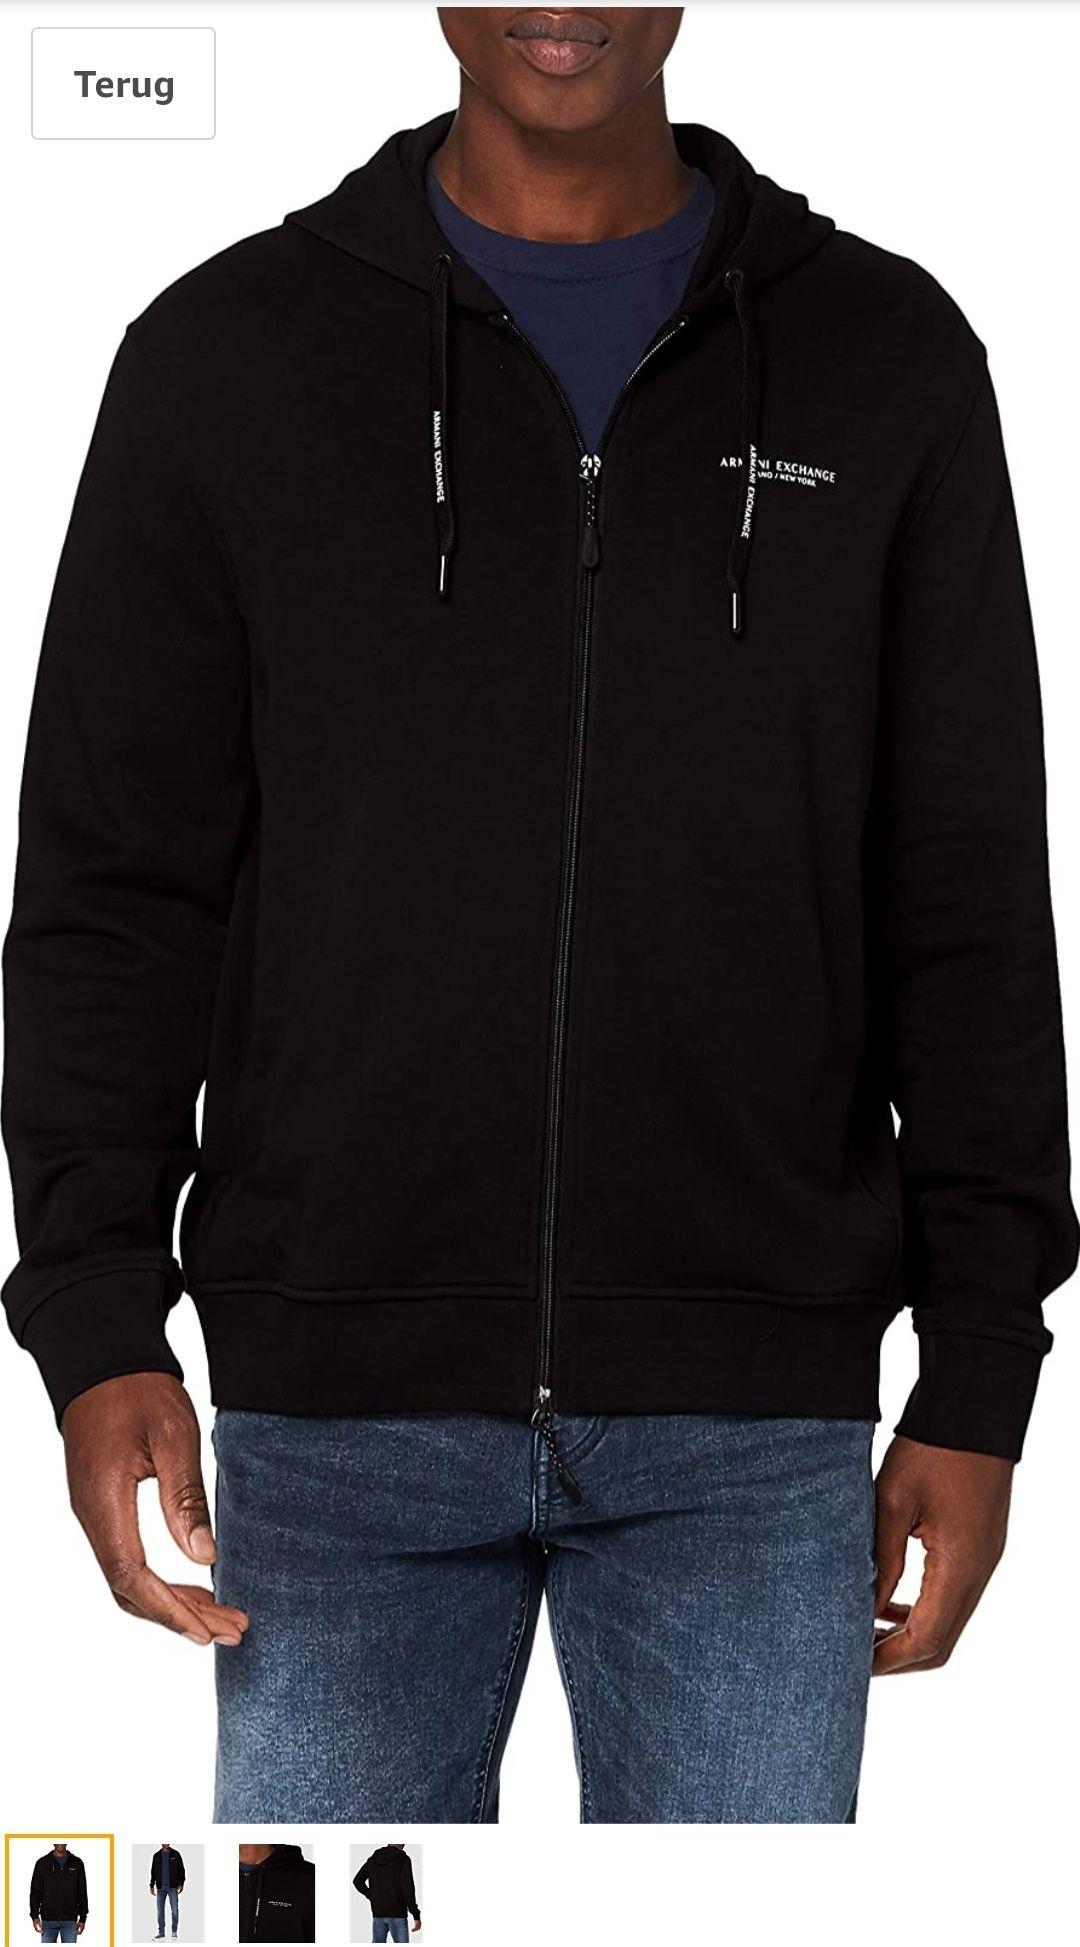 Armani Exchange Heren Zip up Hooded Sweatshirt (Black)